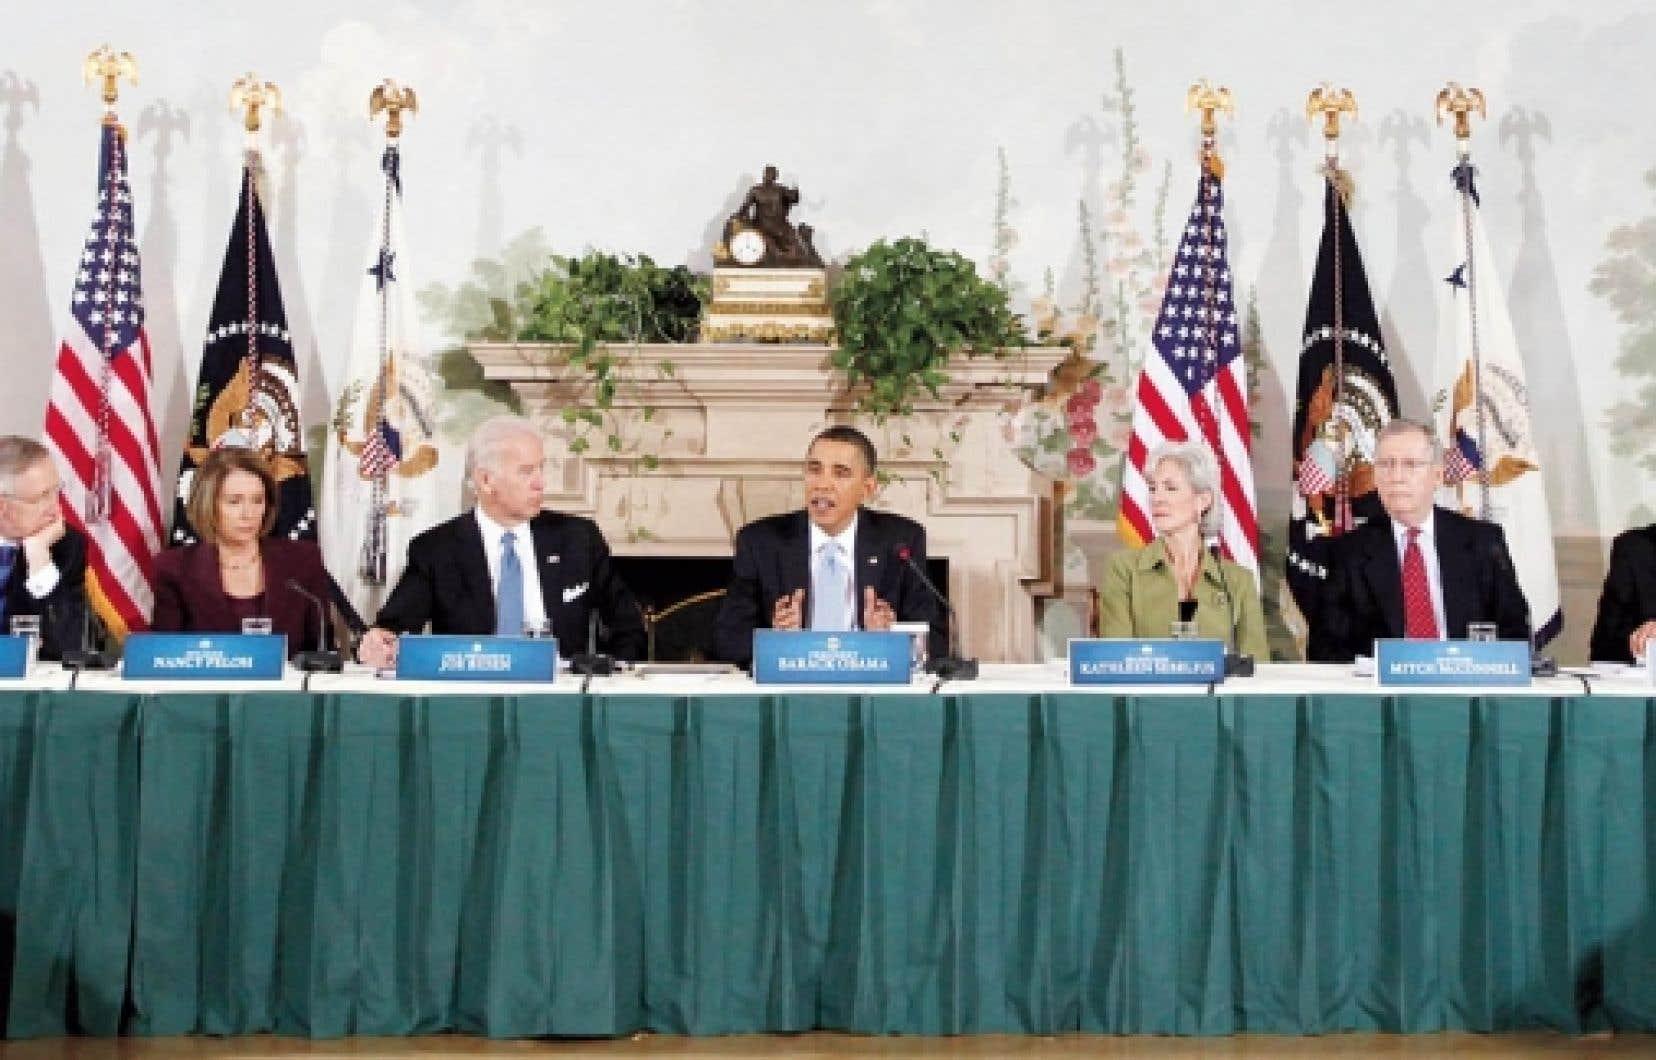 Le président Barack Obama était entouré des poids lourds démocrates pour la rencontre d'hier.